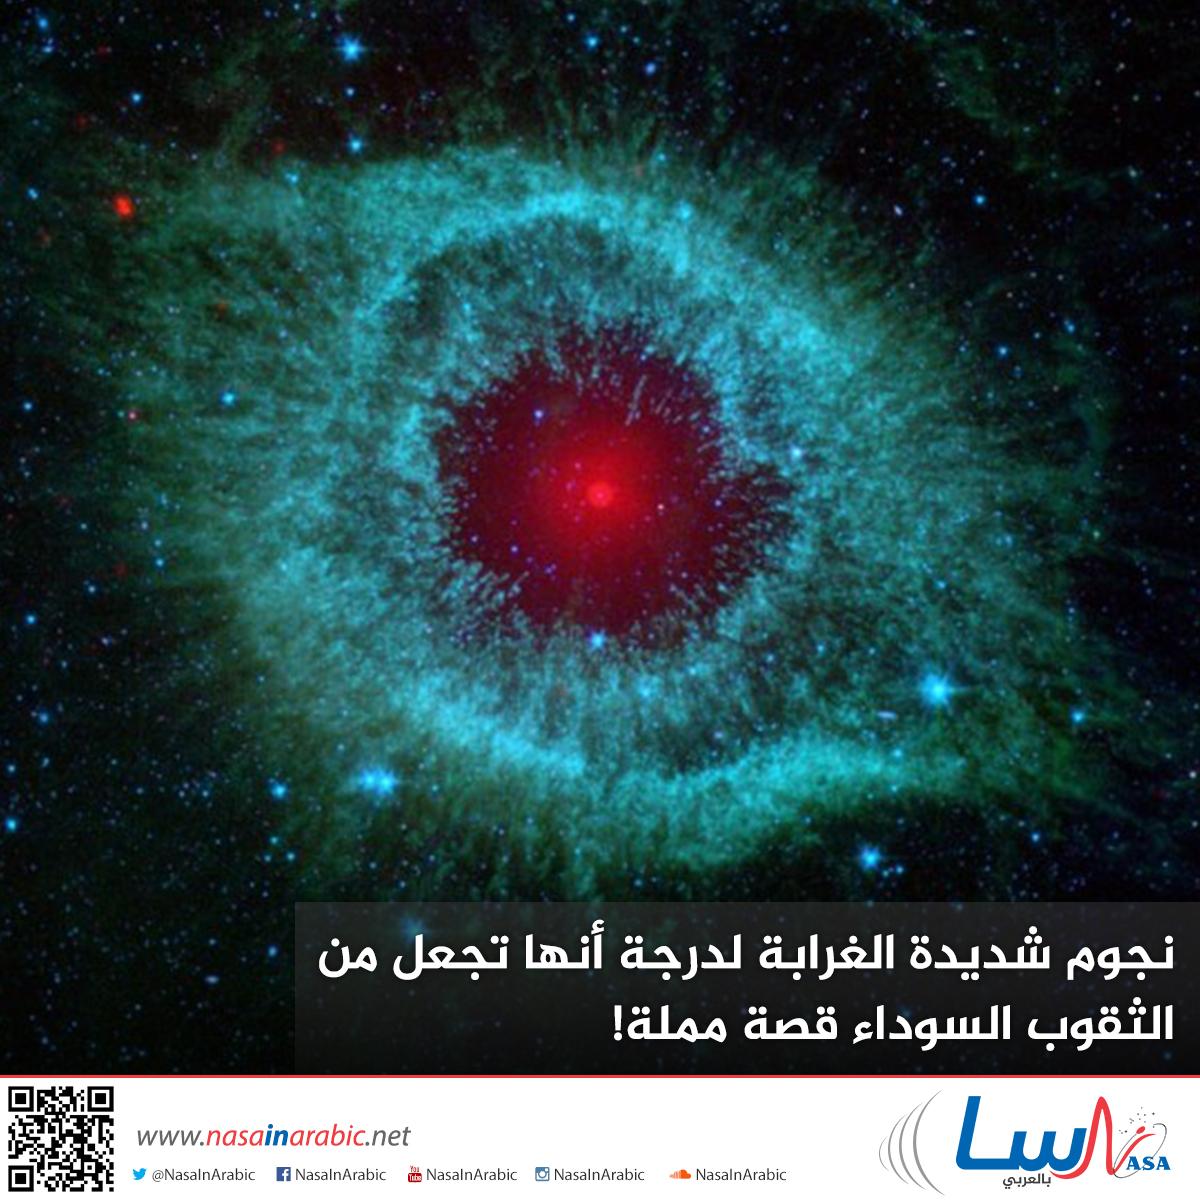 نجوم أشد غرابة من الثقوب السوداء!